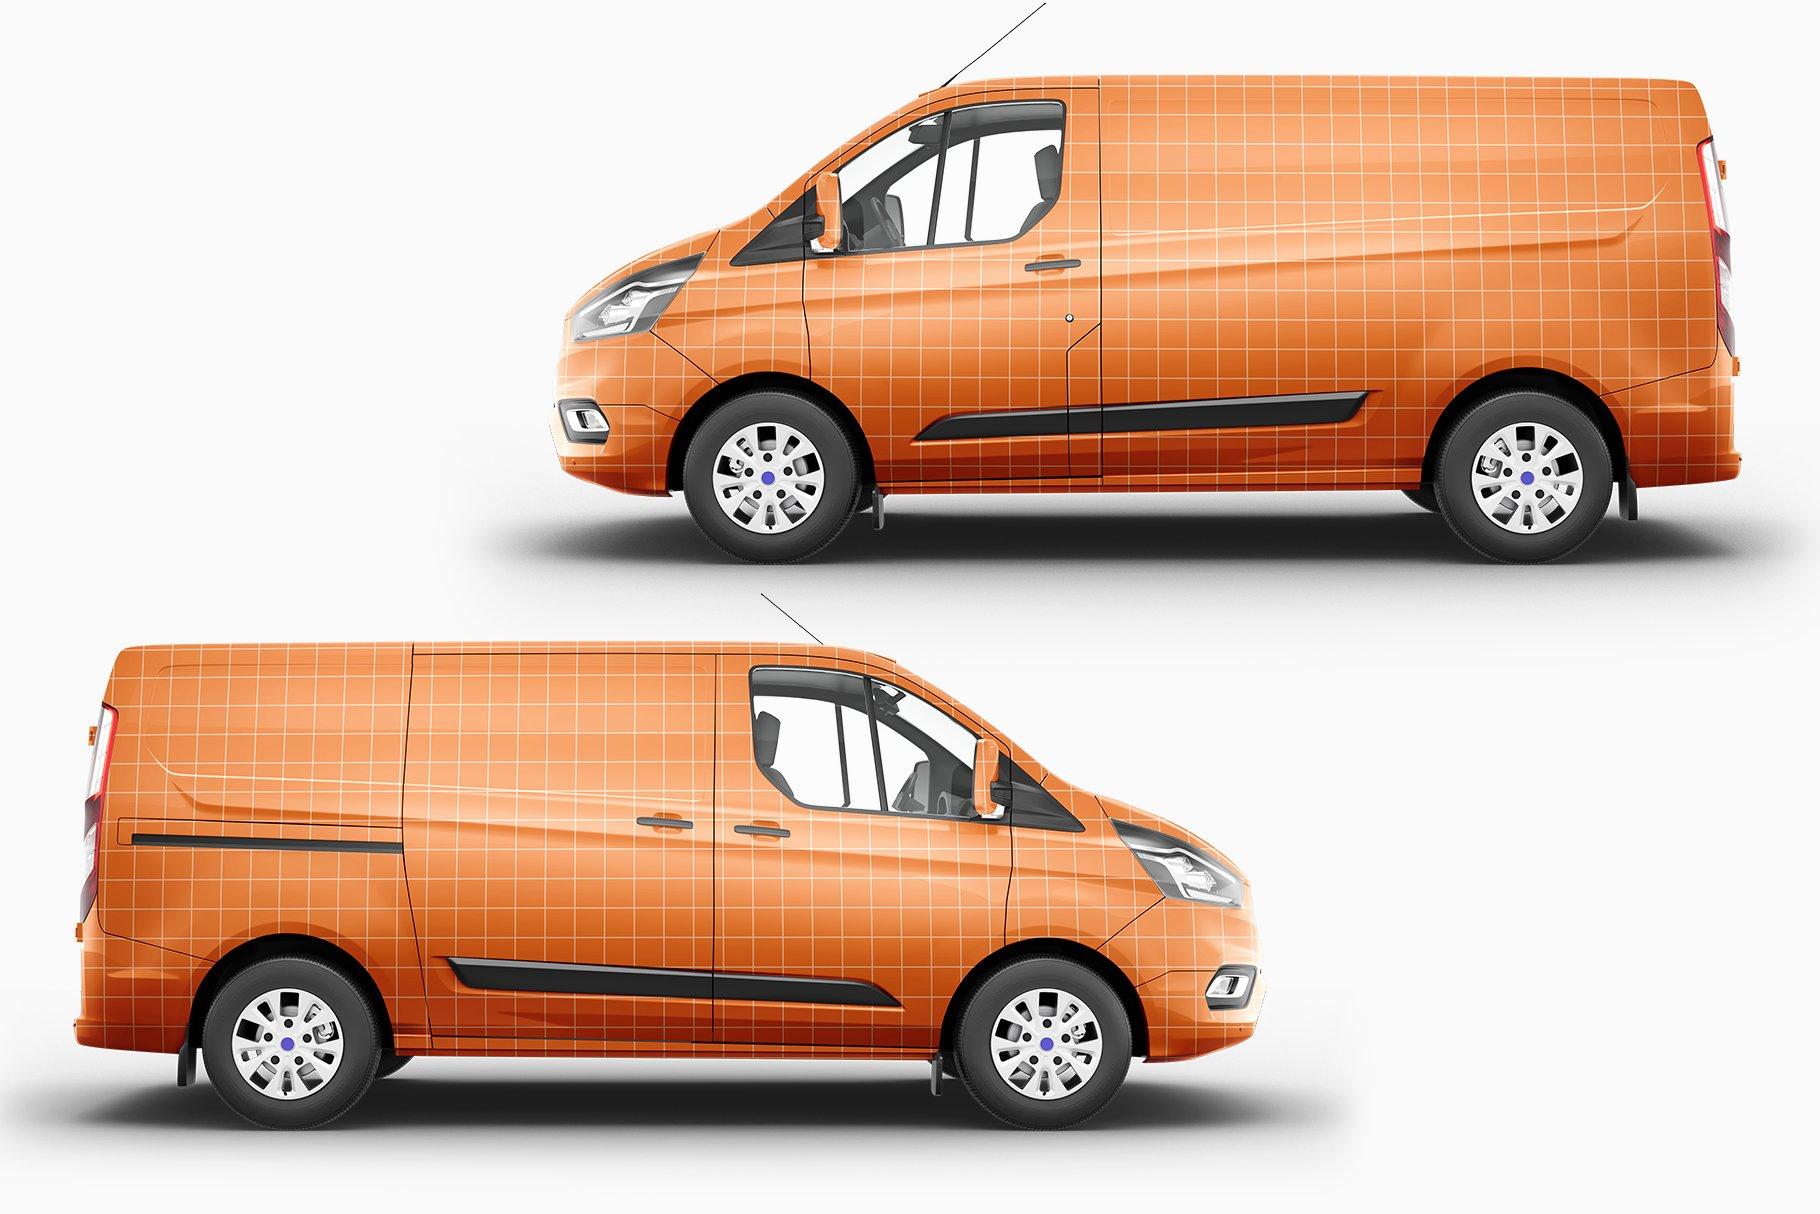 8个封闭面包货车车身广告设计展示样机模板 Van Mockup 14插图9